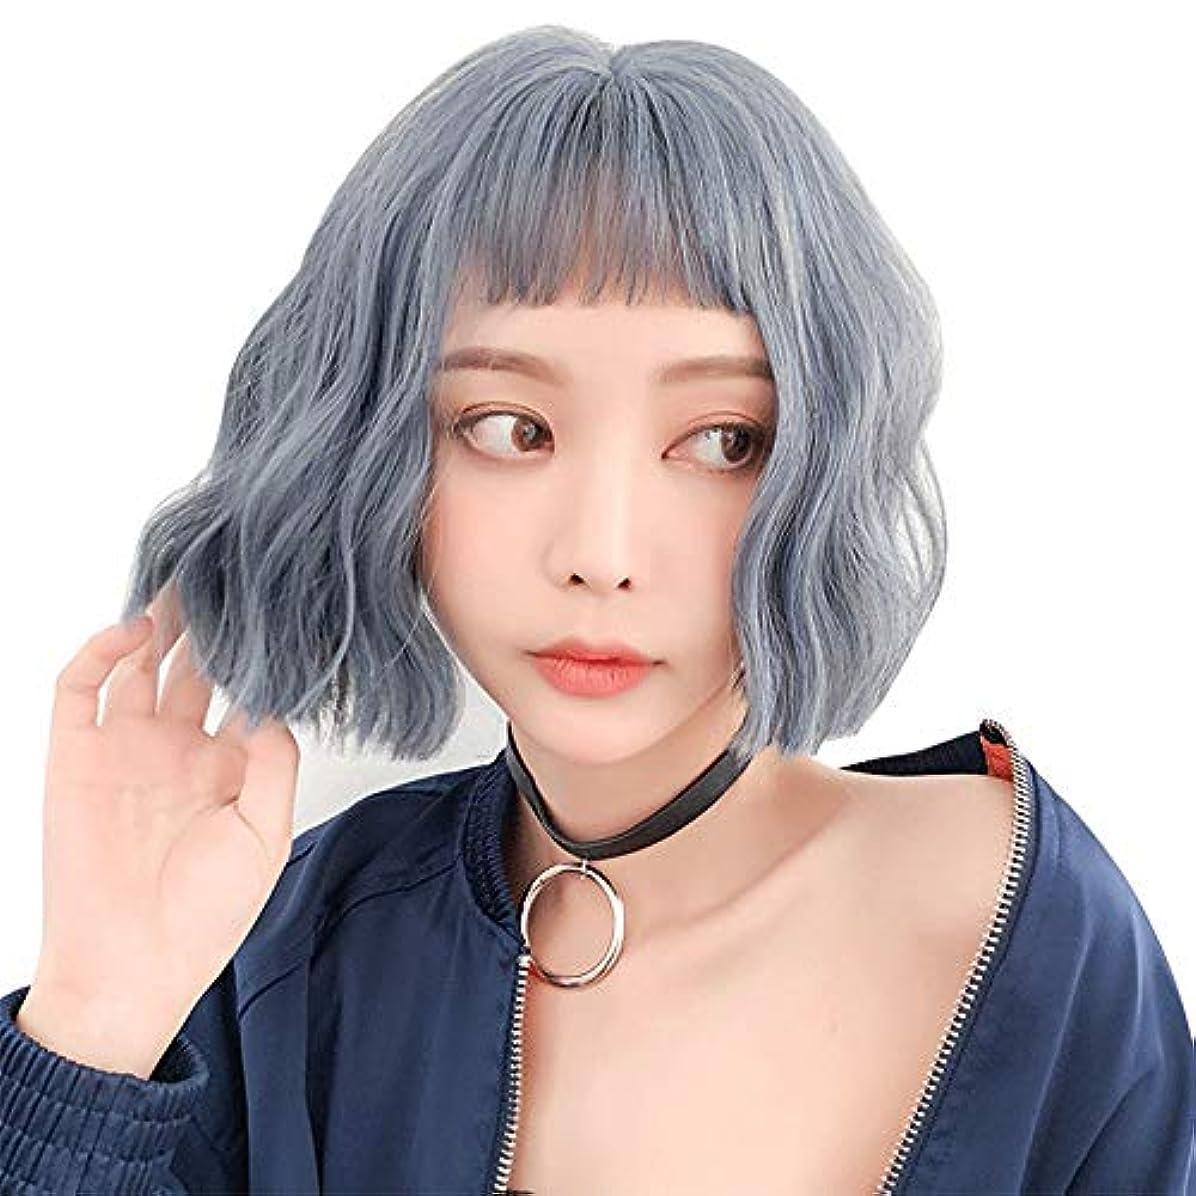 失効ソーシャルジョットディボンドンSRY-Wigファッション ファッションショート人間の髪の毛のかつらカーリーウェーブ10インチブルーショートカーリーウィッグ前髪ショートボブレースフロントウィッグ合成女性用